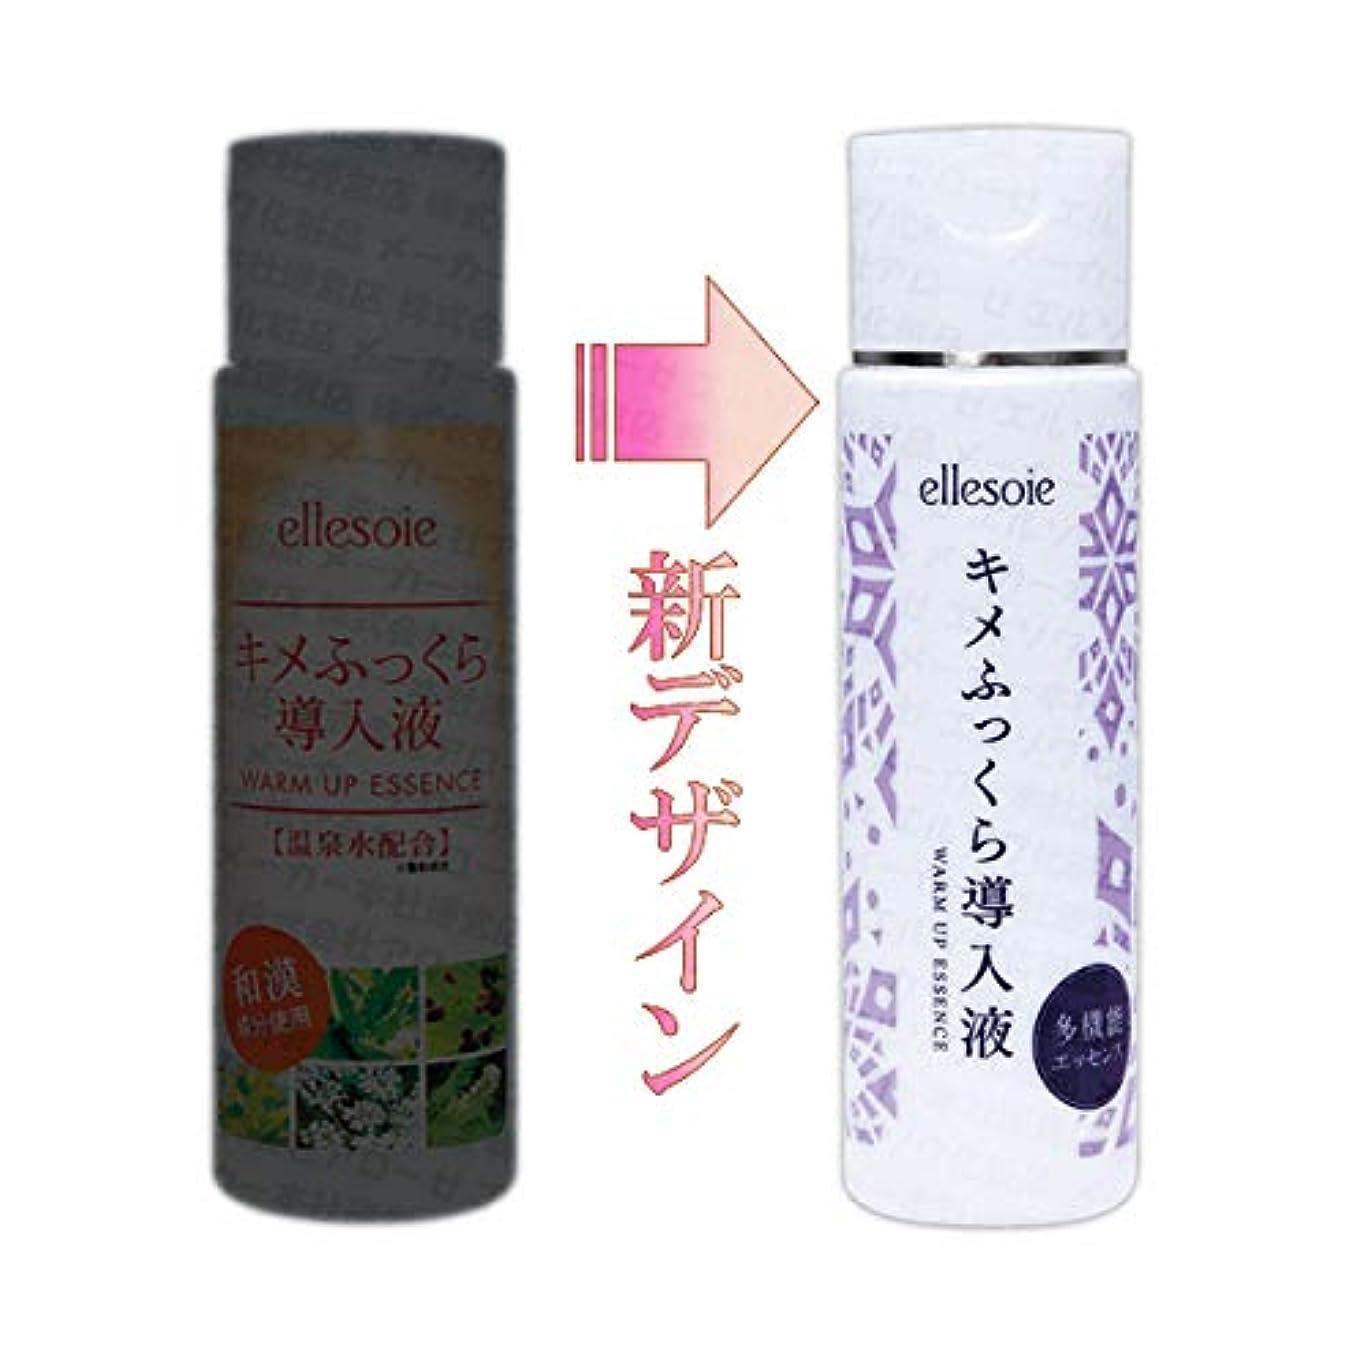 犬小康樫の木エルソワ化粧品(ellesoie) キメふっくら導入液